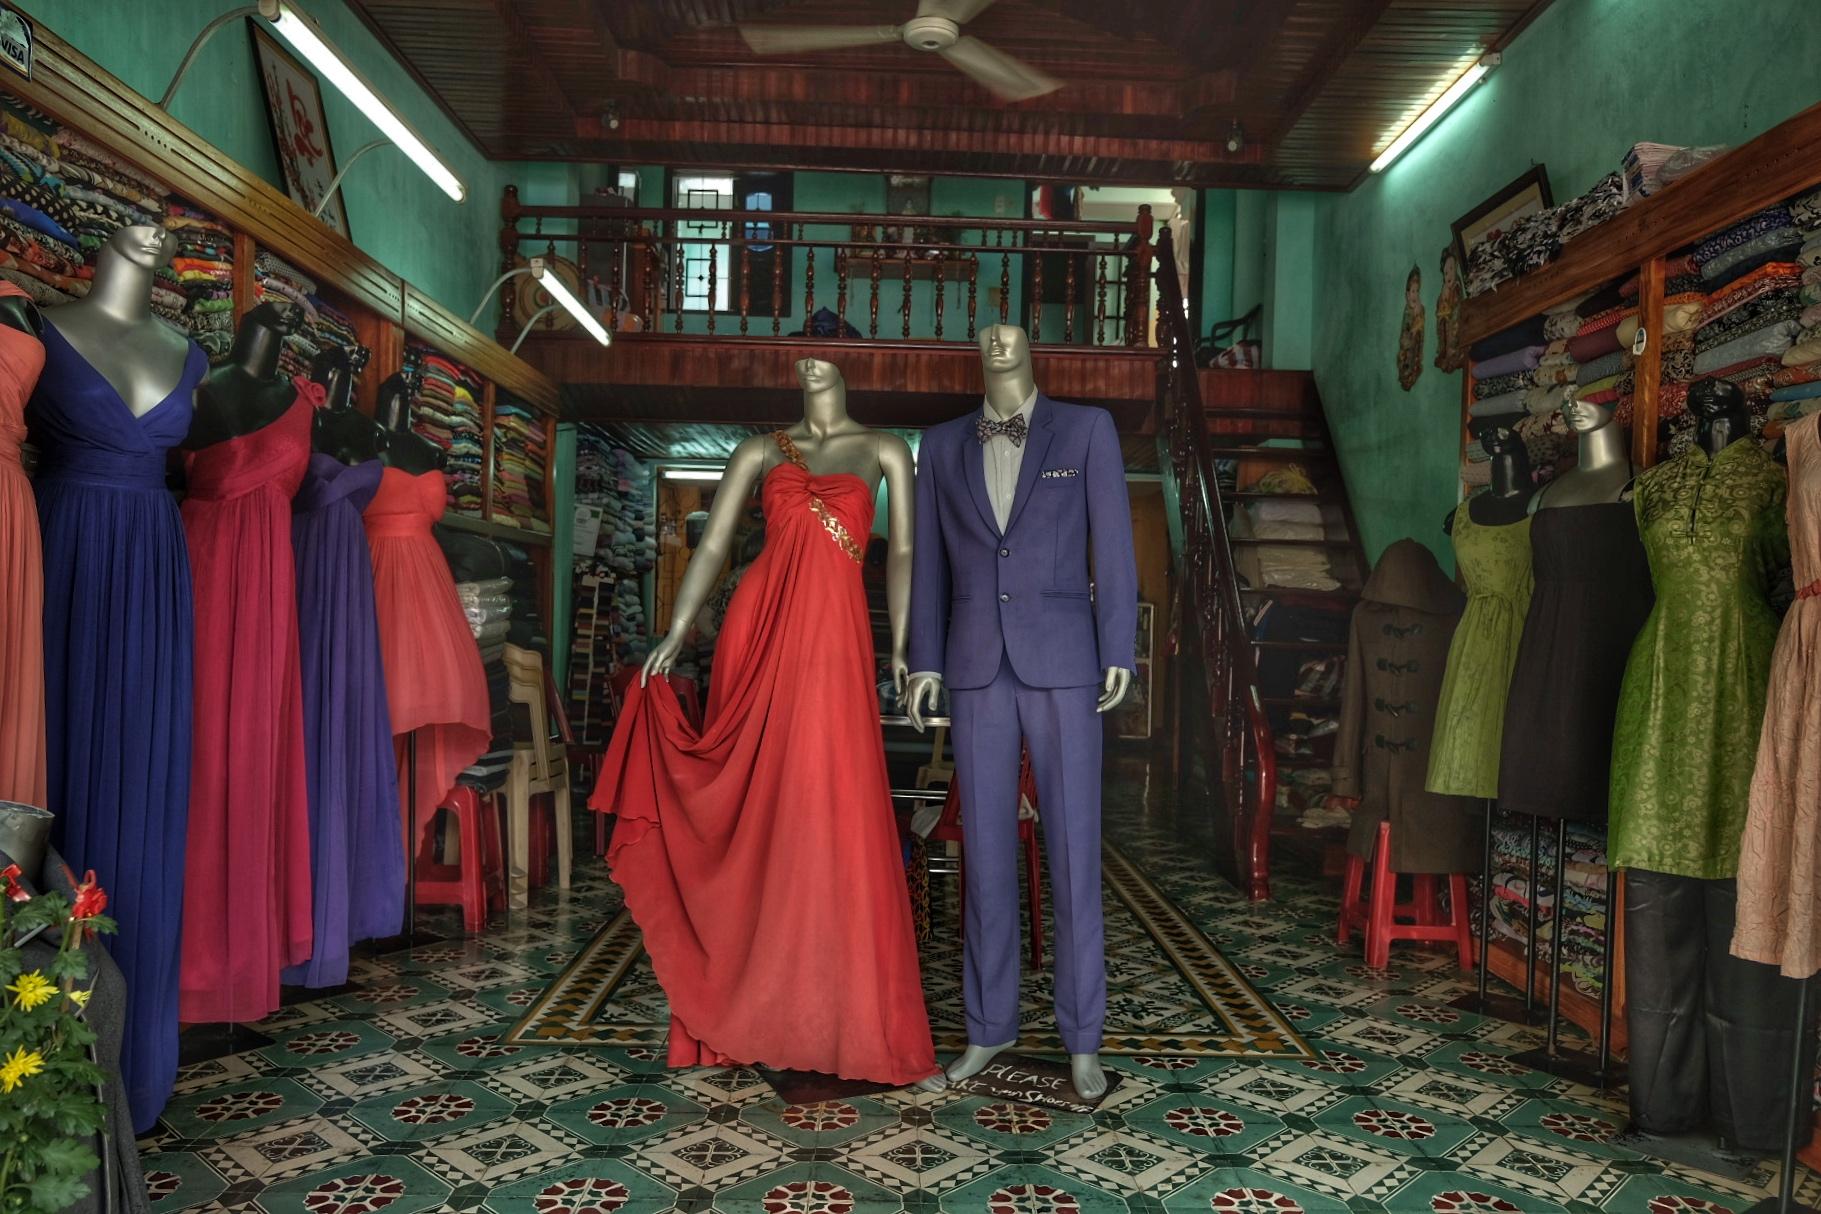 Forget me not tailor, 37 Phan Chu Trinh, Hôi An.